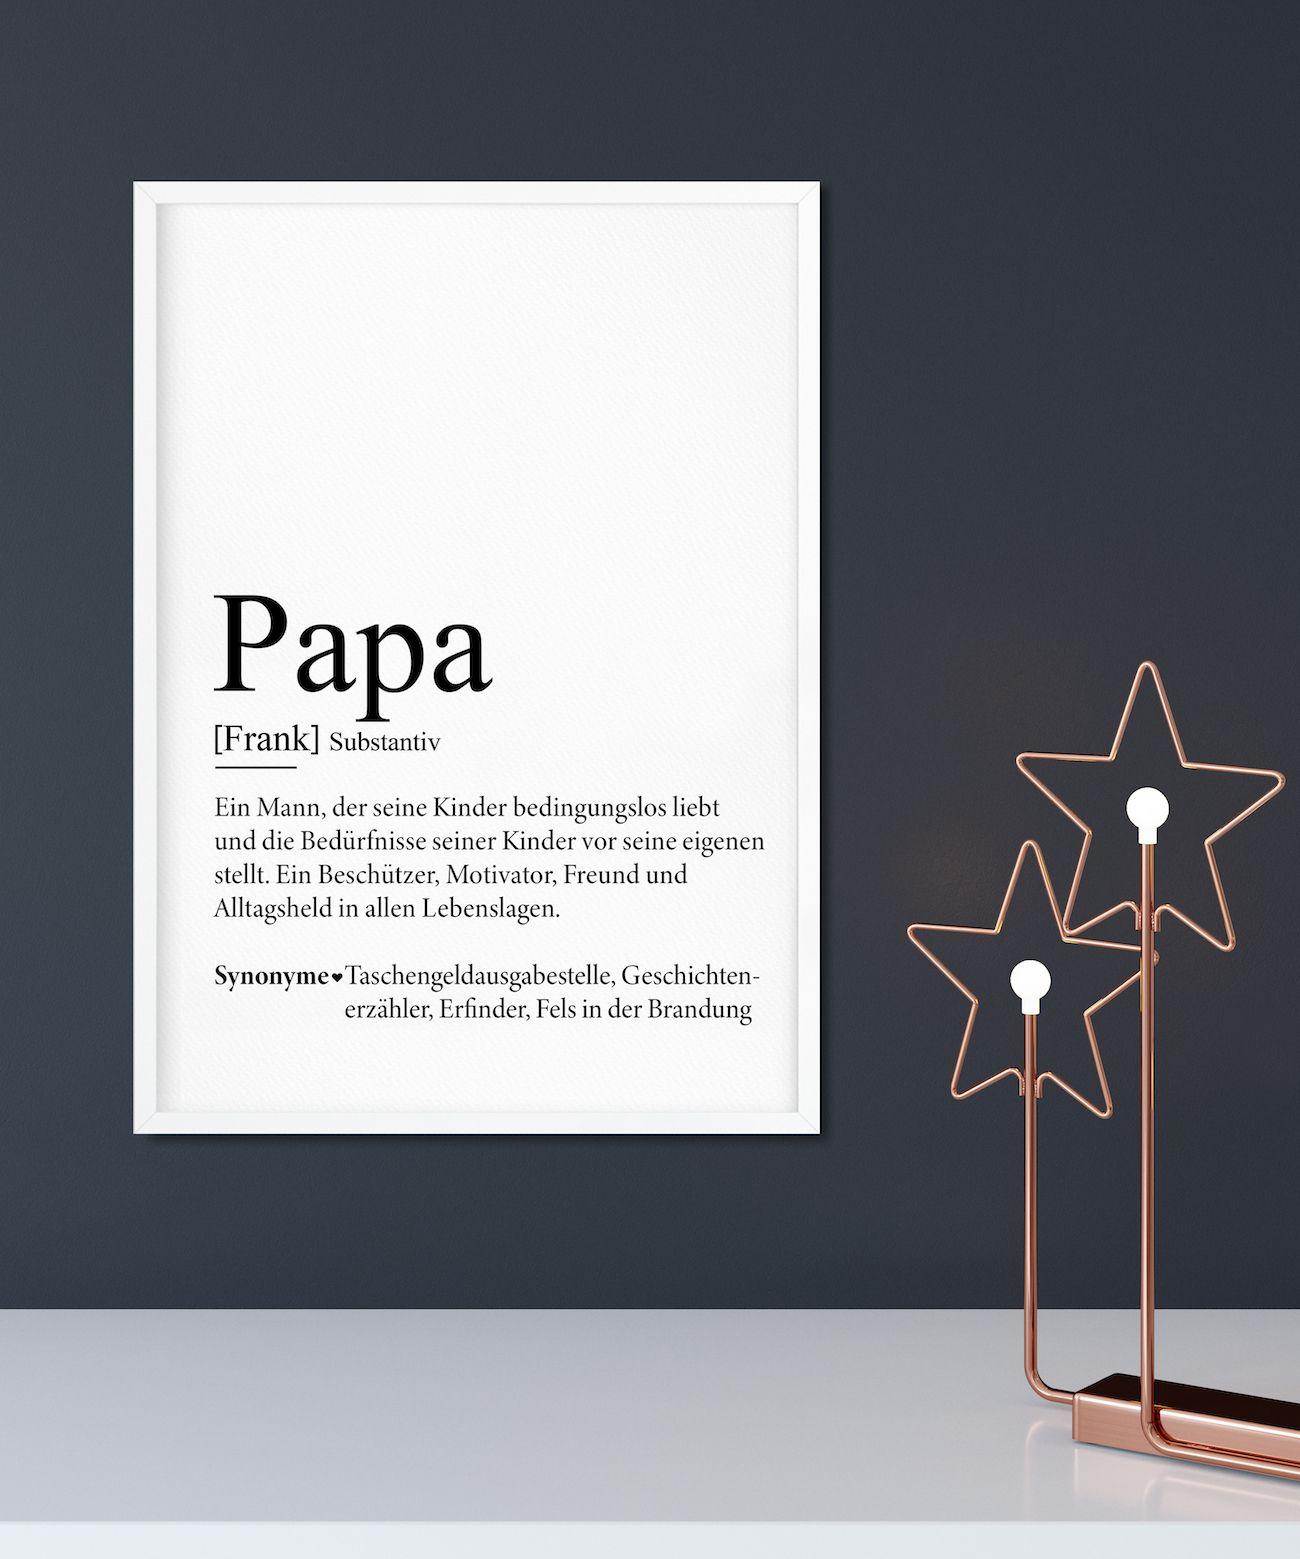 papa definition bild weihnachten